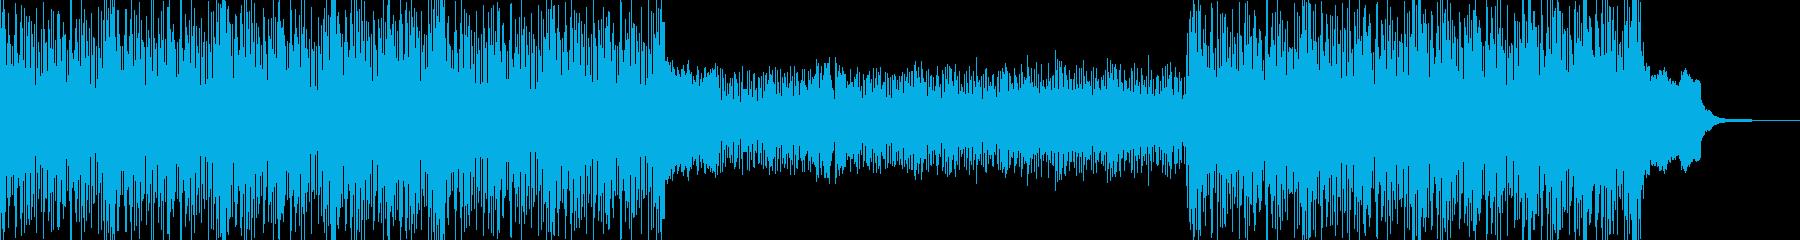 攻撃的な雰囲気のBGMの再生済みの波形